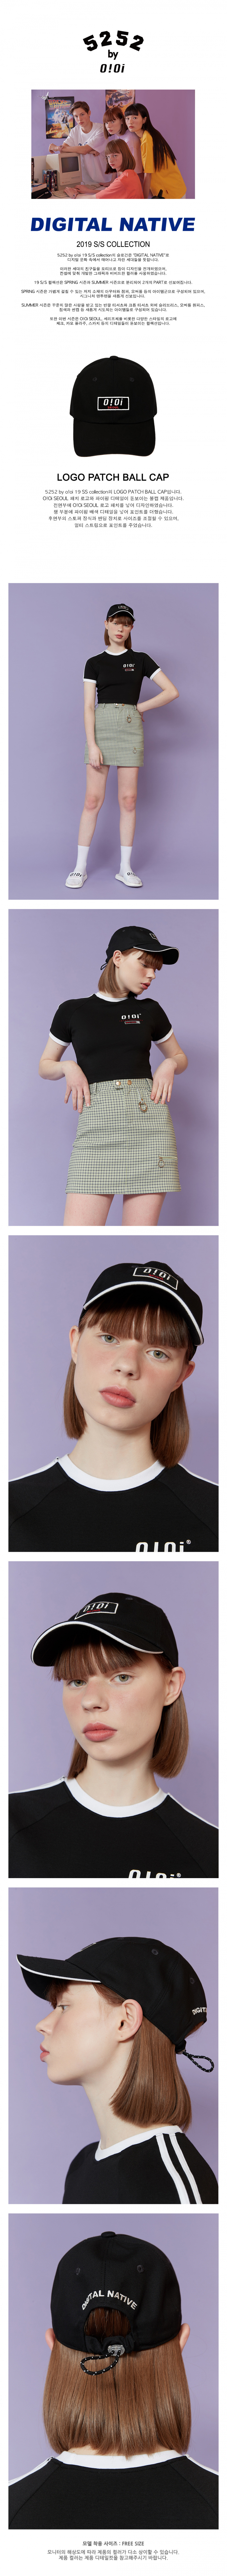 5252 바이 오아이오아이(5252BYOIOI) LOGO PATCH BALL CAP_black